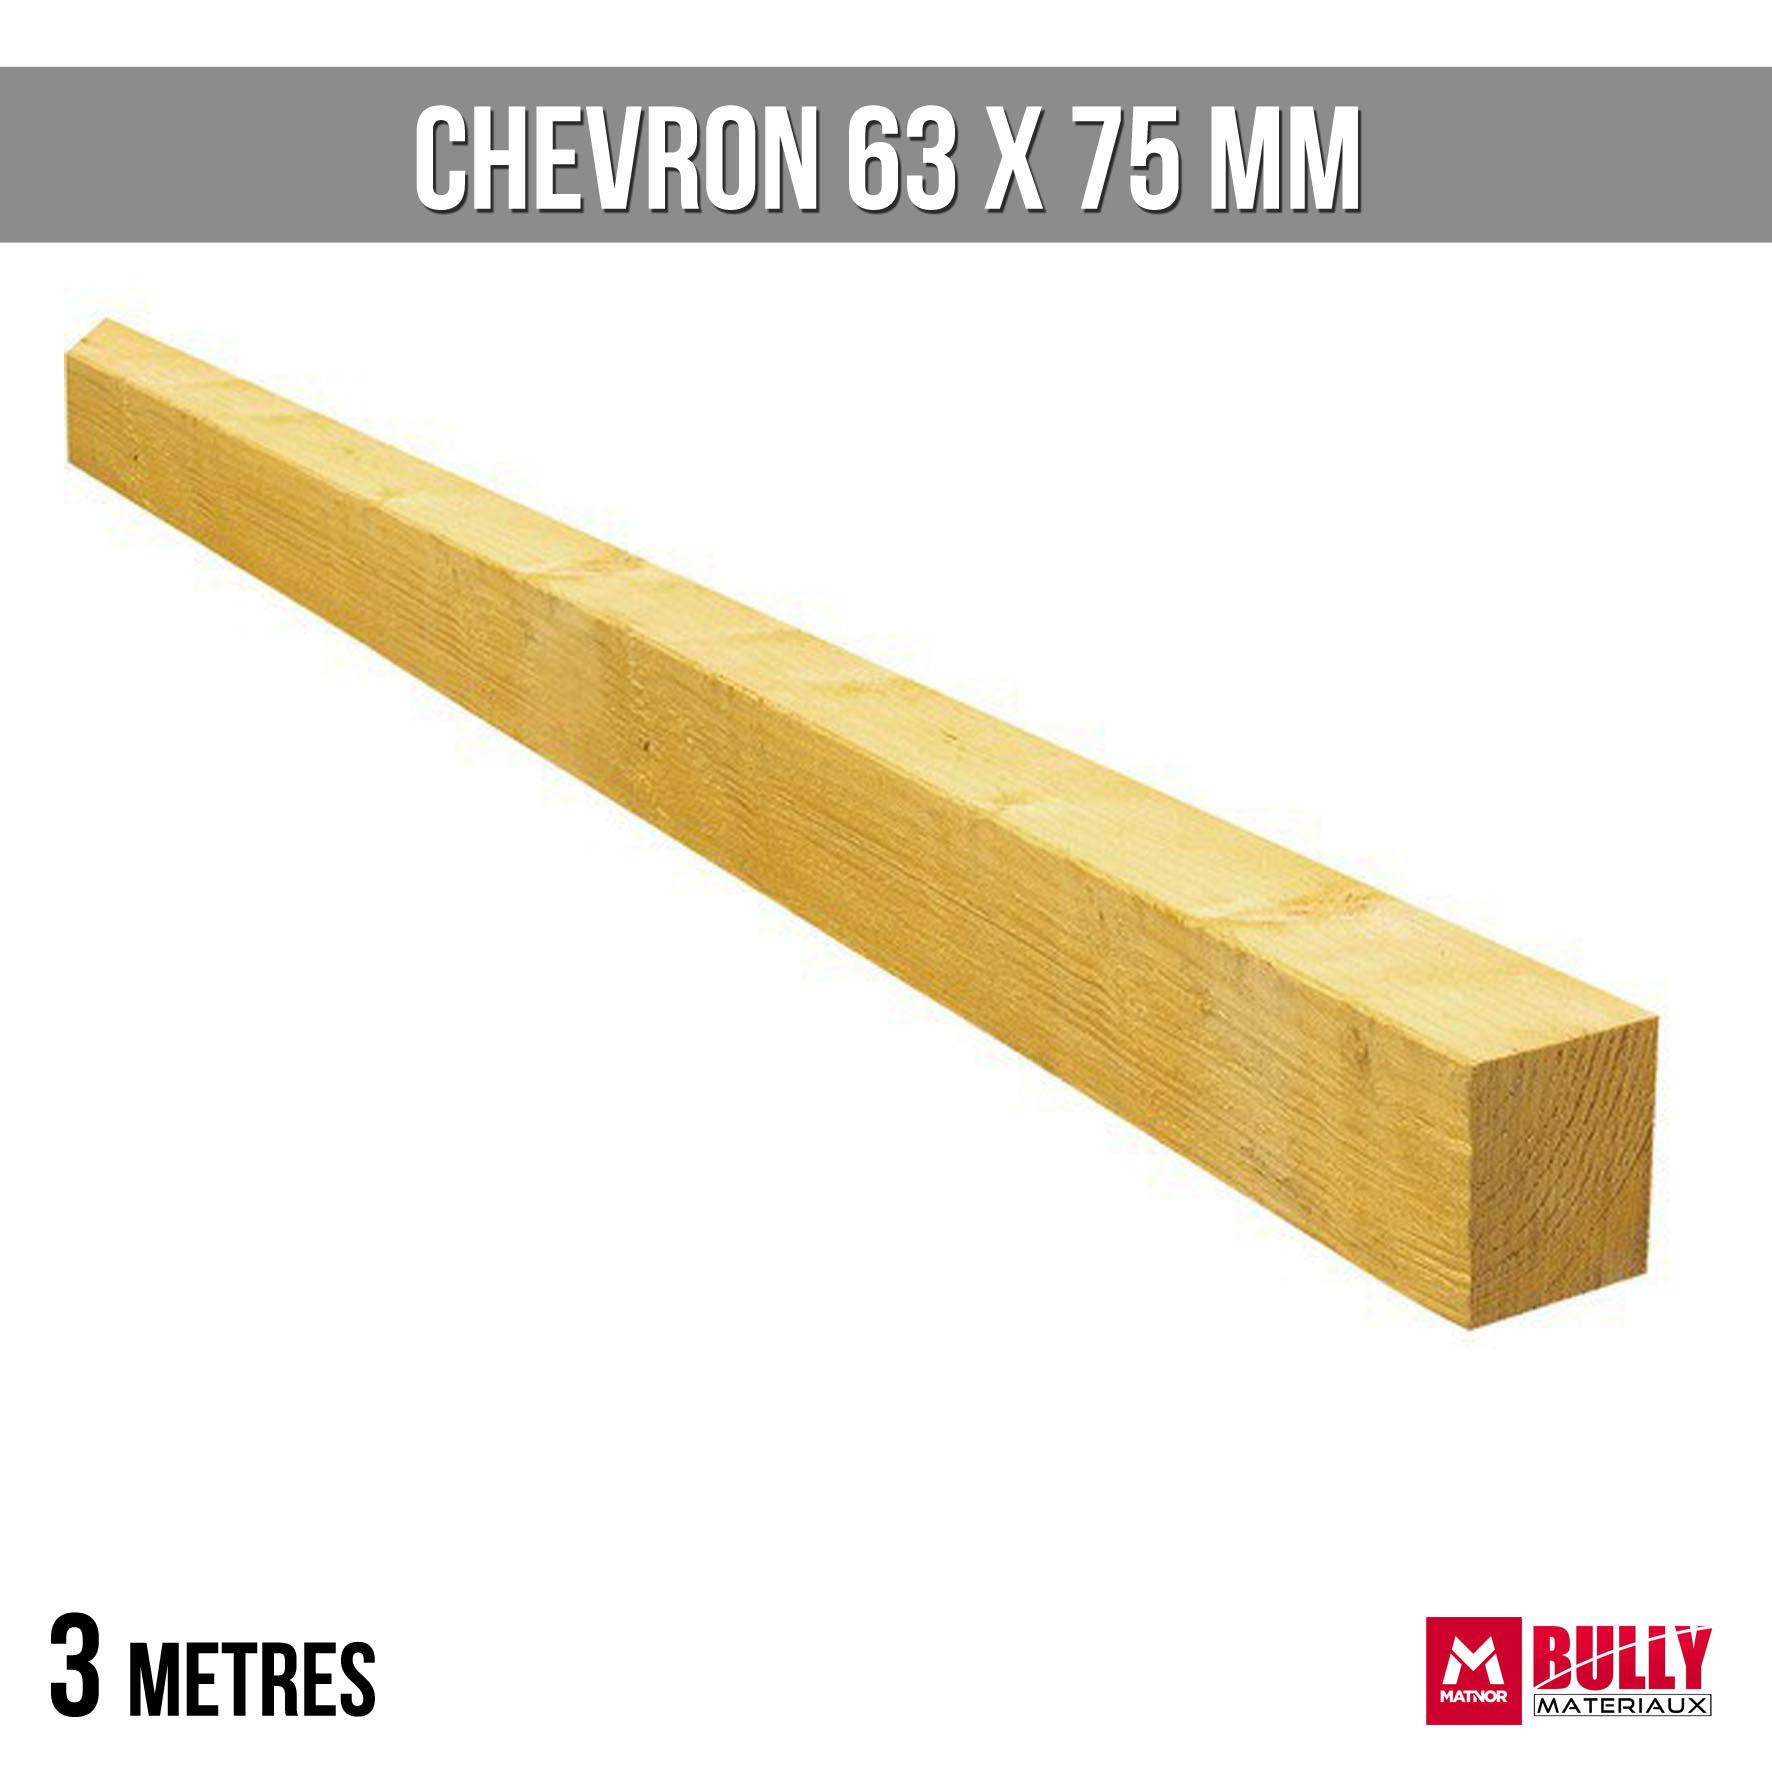 Chevron 63 x 75 3m